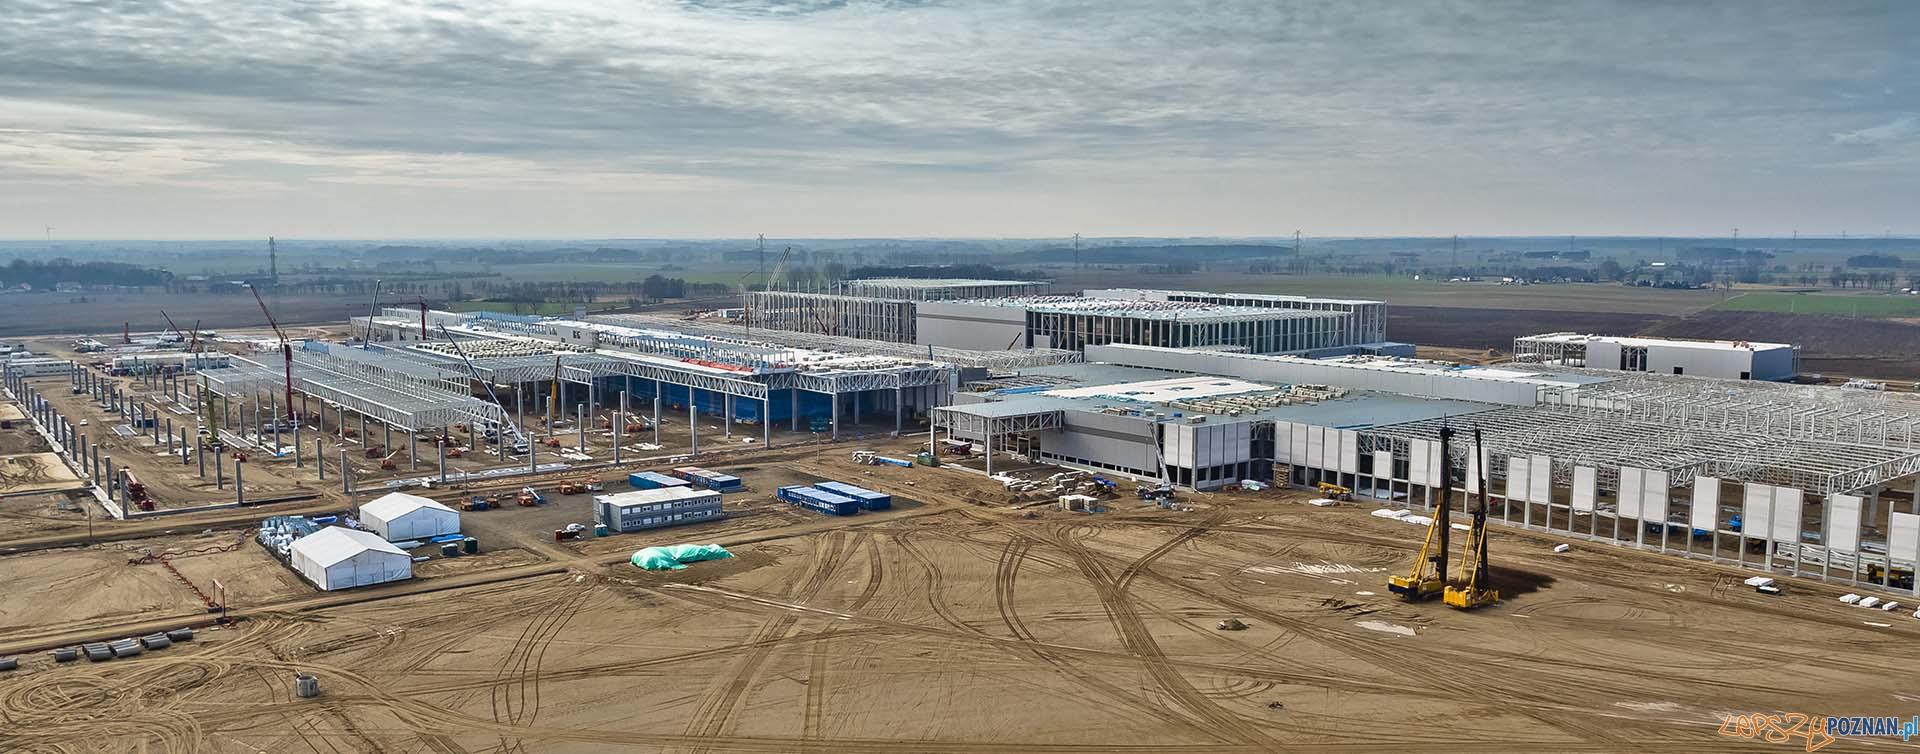 Budiowa fabryki Volkswagena pod Wrześnią (4)  Foto: